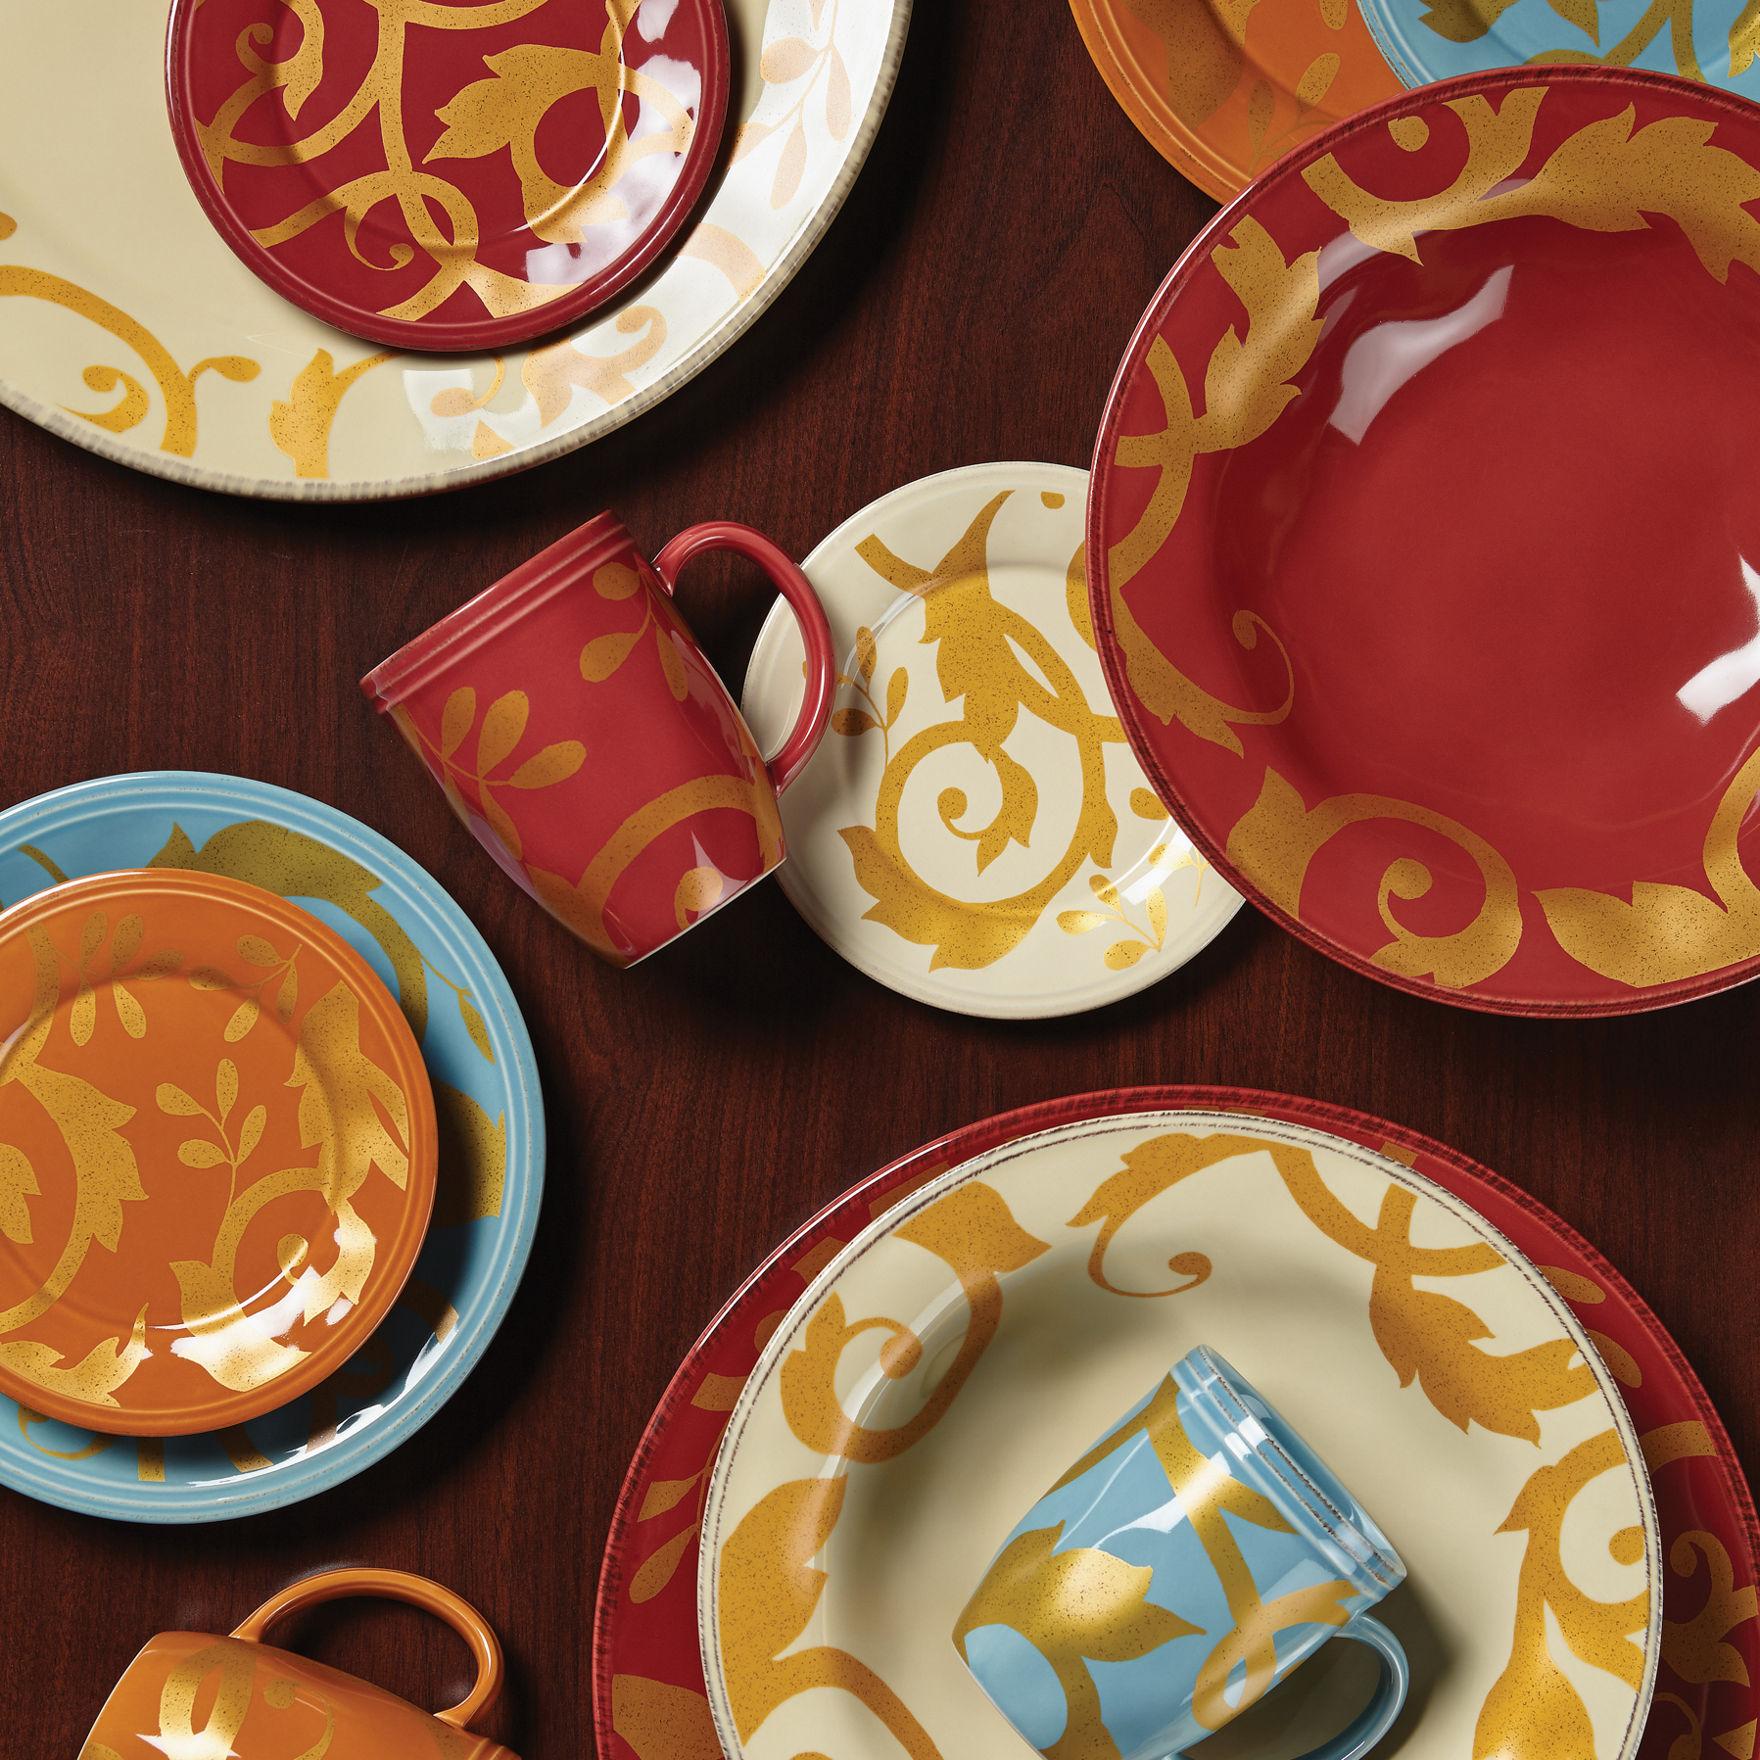 Rachael Ray Cranberry Bowls Pots & Dutch Ovens Cookware Dinnerware